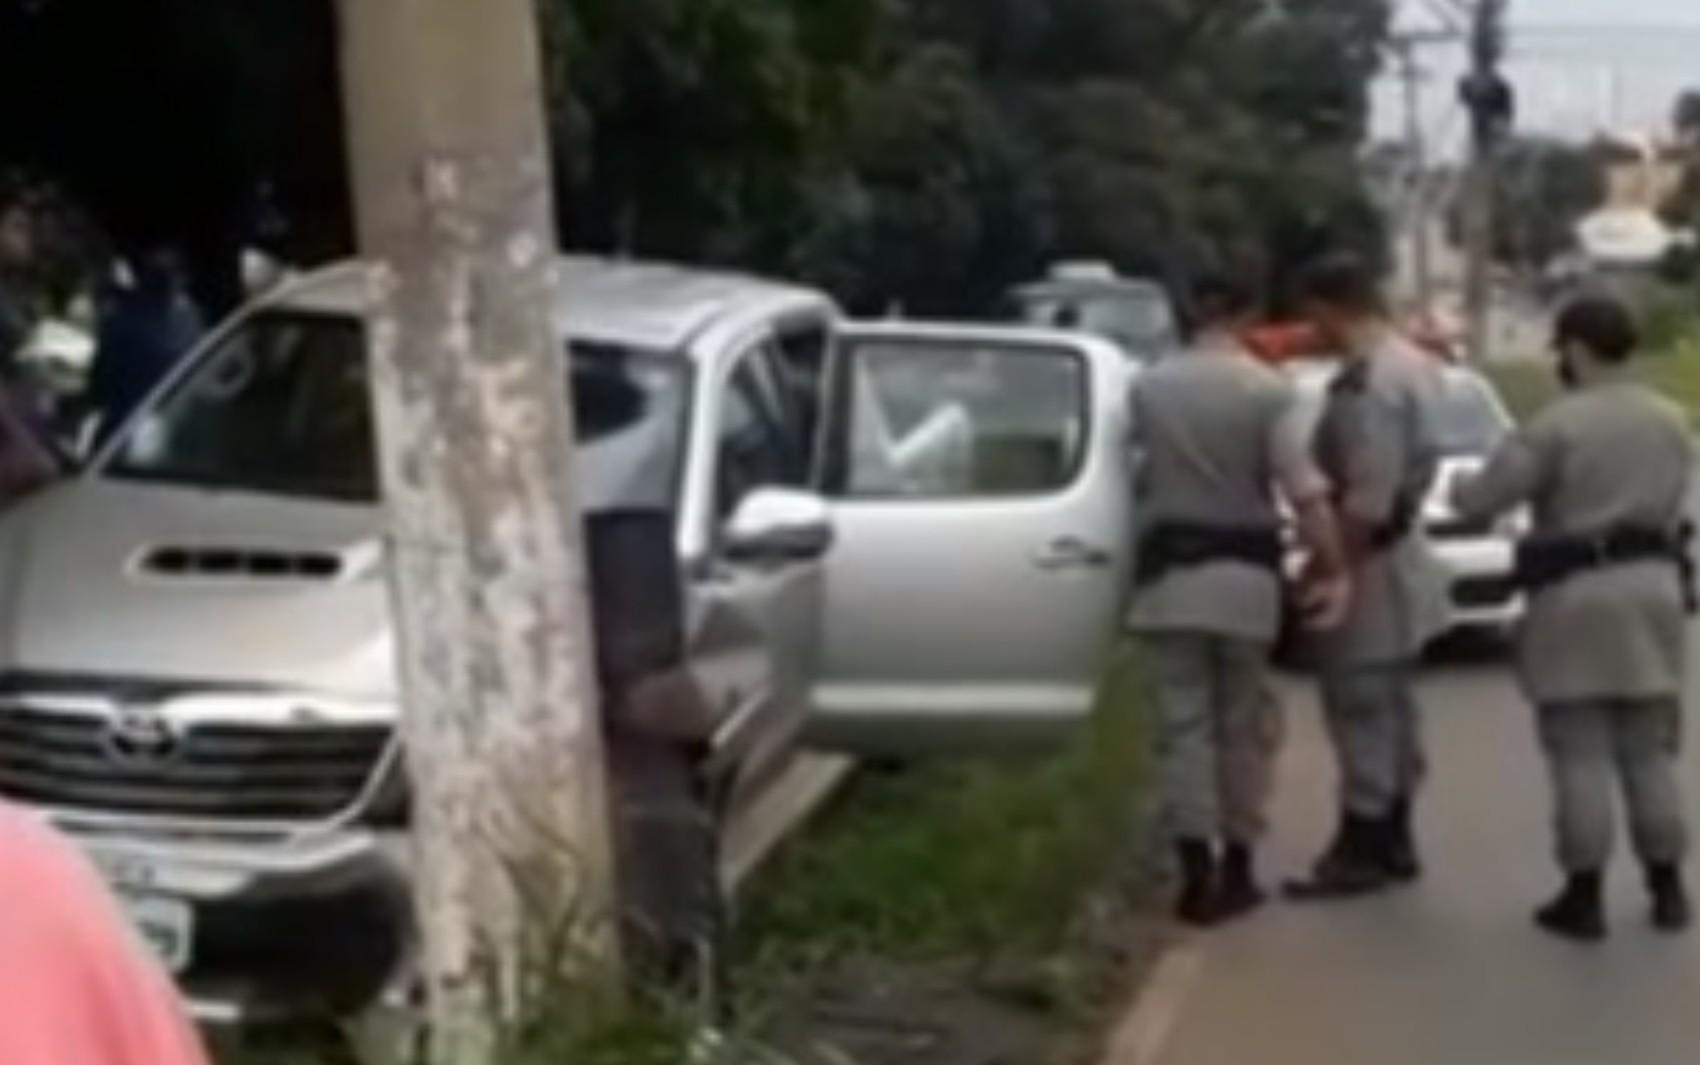 Família é feita refém durante assalto a residência em Anápolis